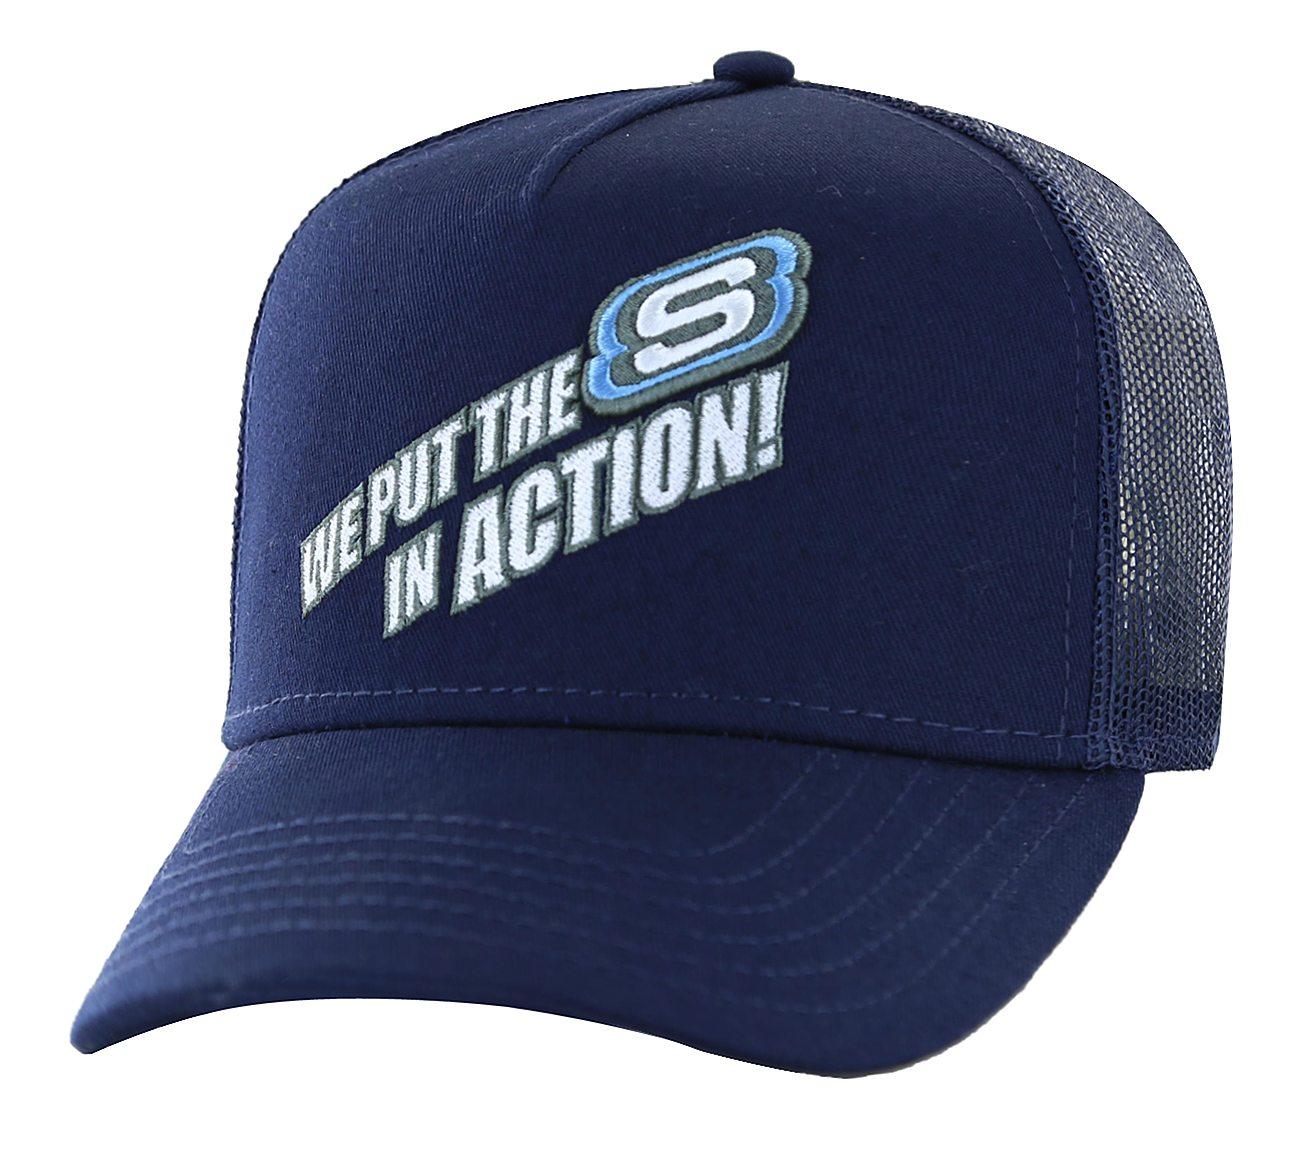 S In Action Trucker Hat